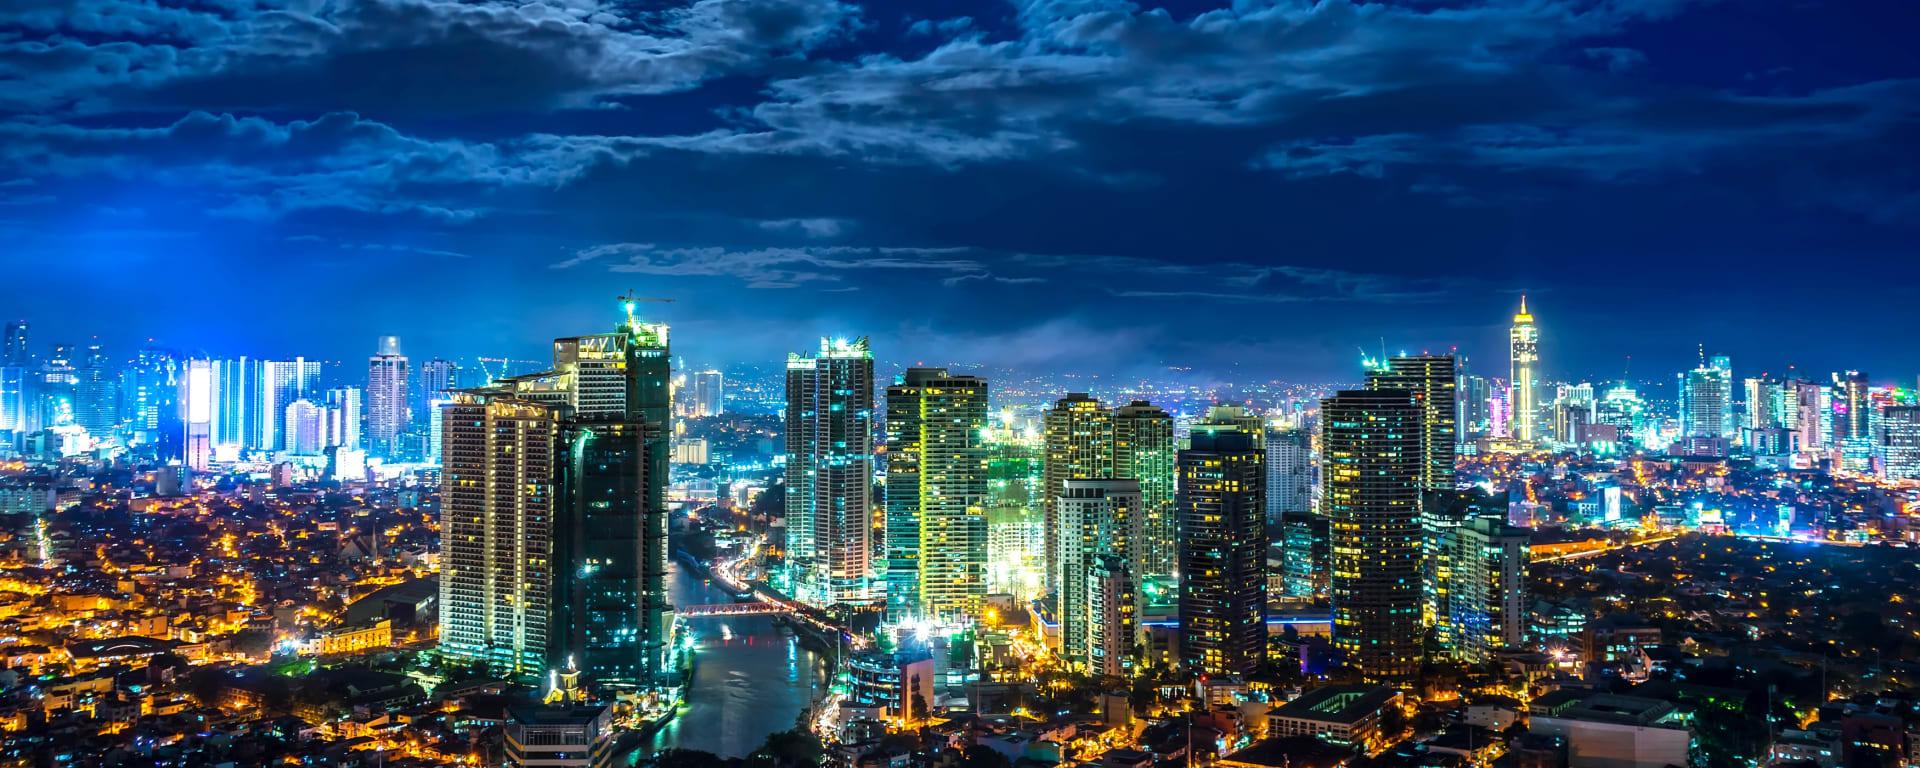 Philippinen entdecken mit Tischler Reisen: Philippinen Manila Skyline Nacht